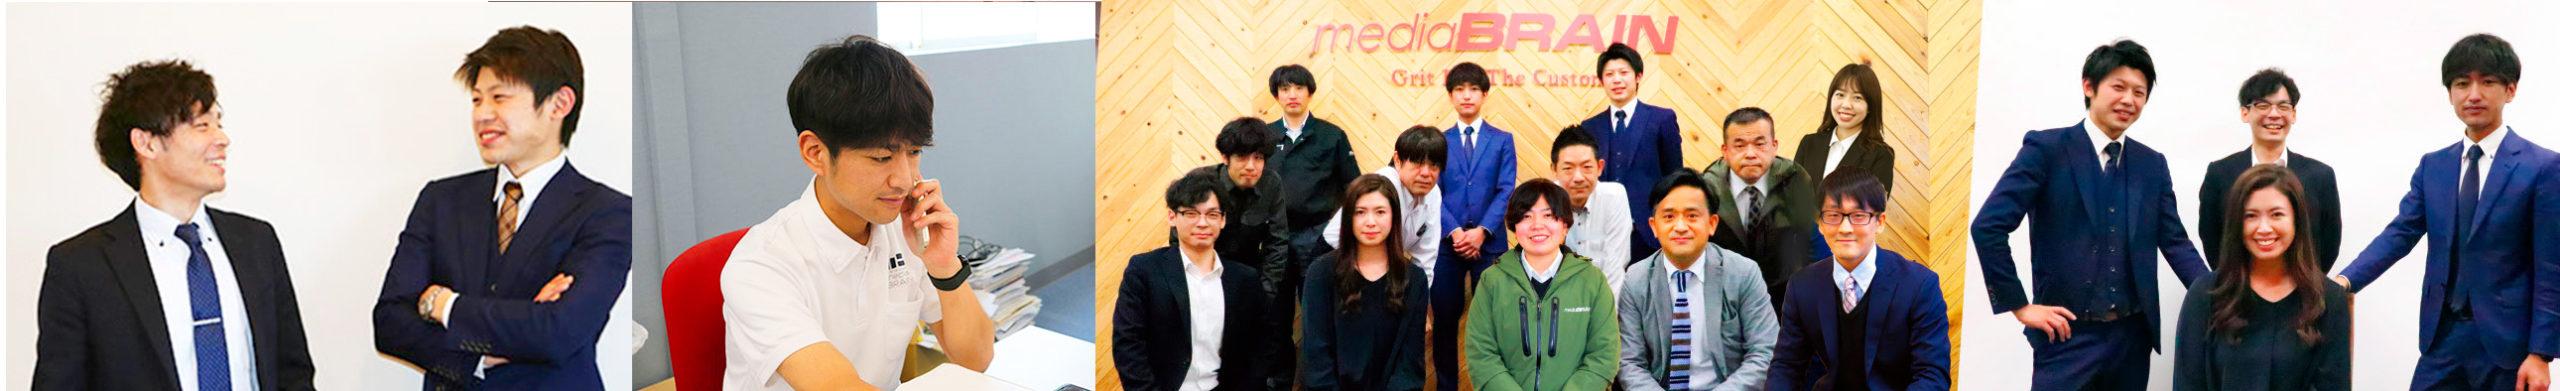 メディアブレイン:エリアマーケティンググループ